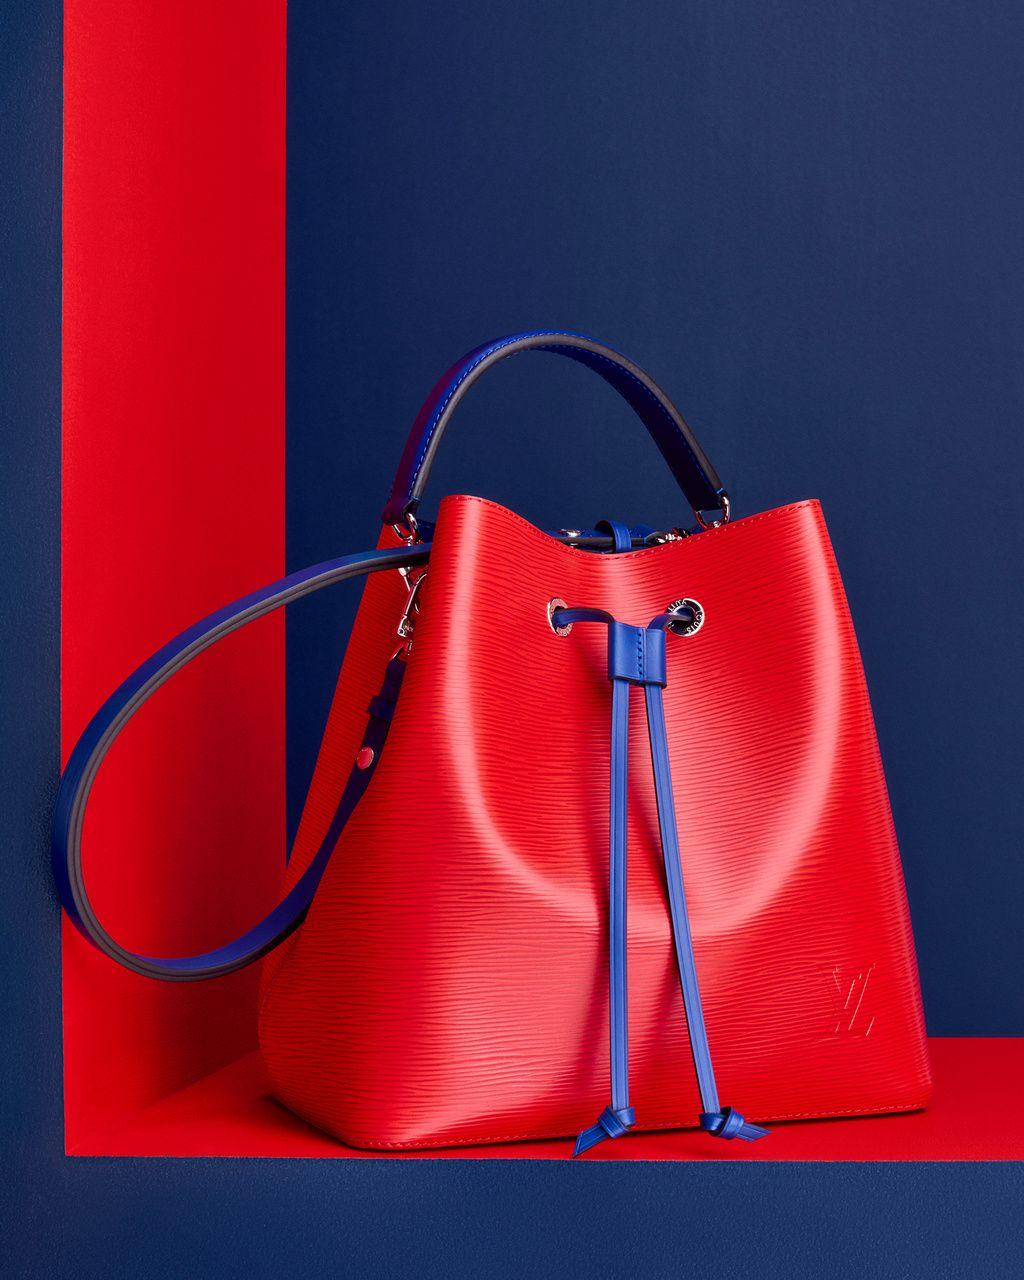 Louis Vuitton   Bags   Louis vuitton, Bags, Louis vuitton neonoe 27e3c706446